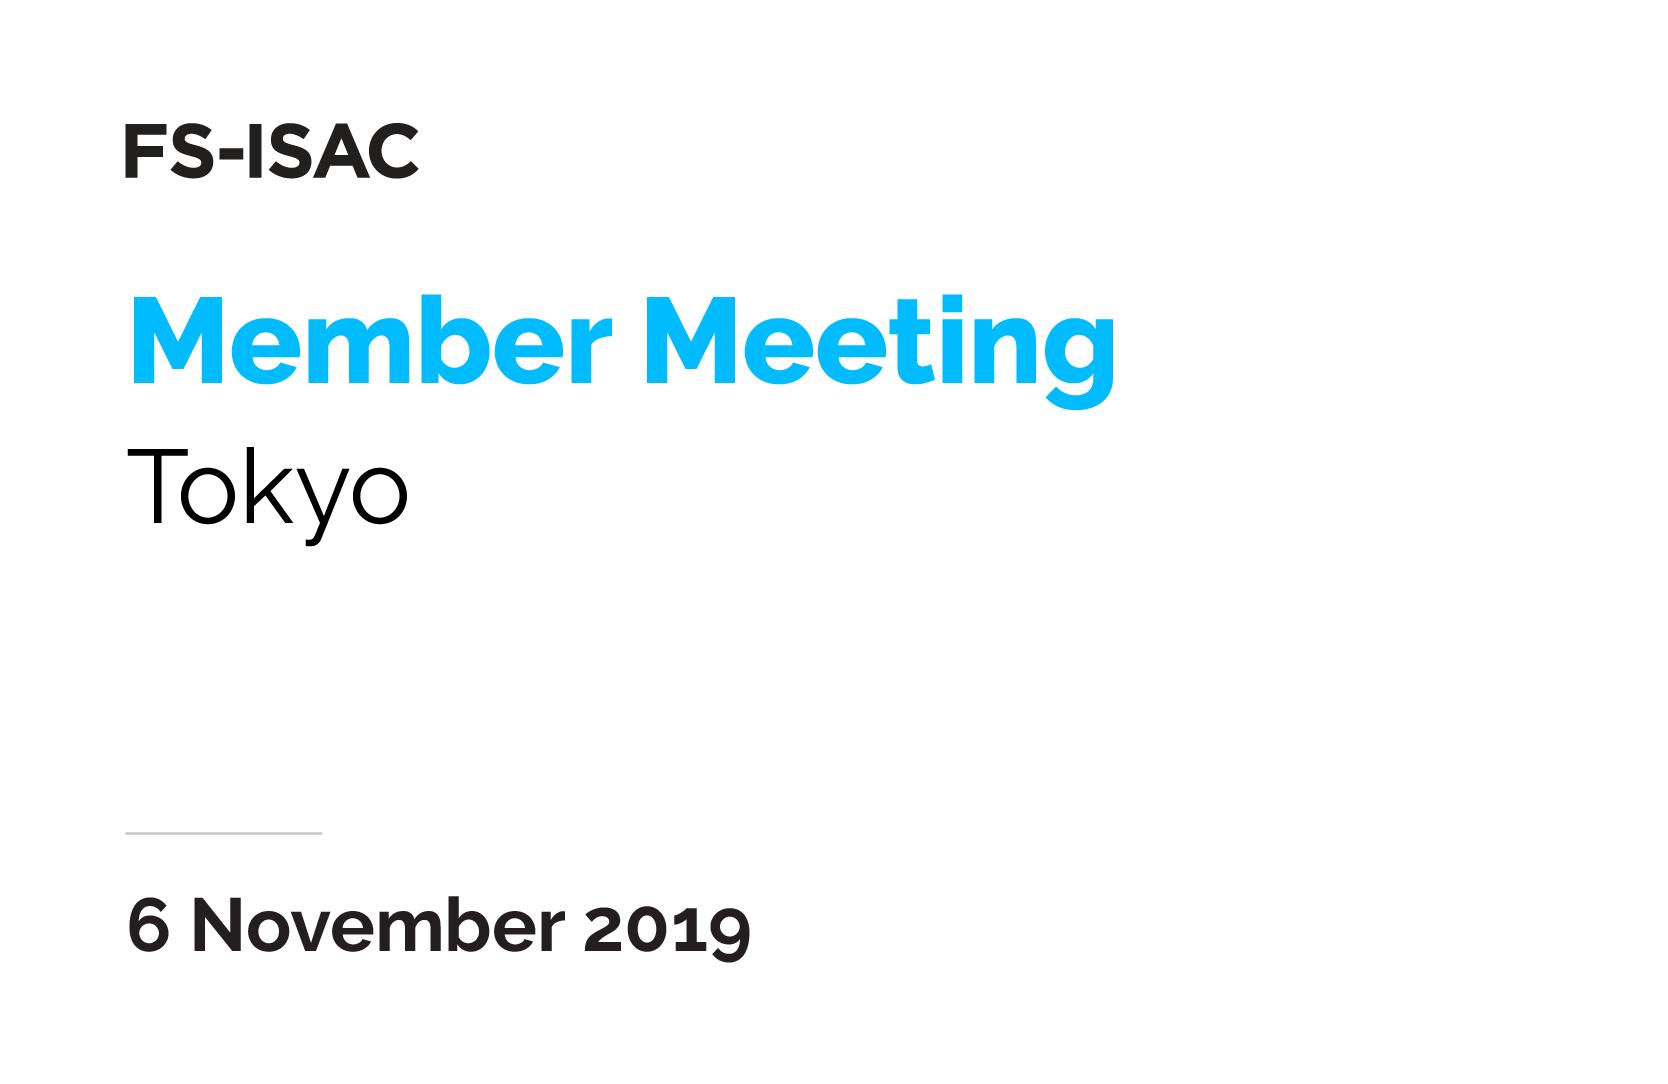 Tokyo Member Meeting